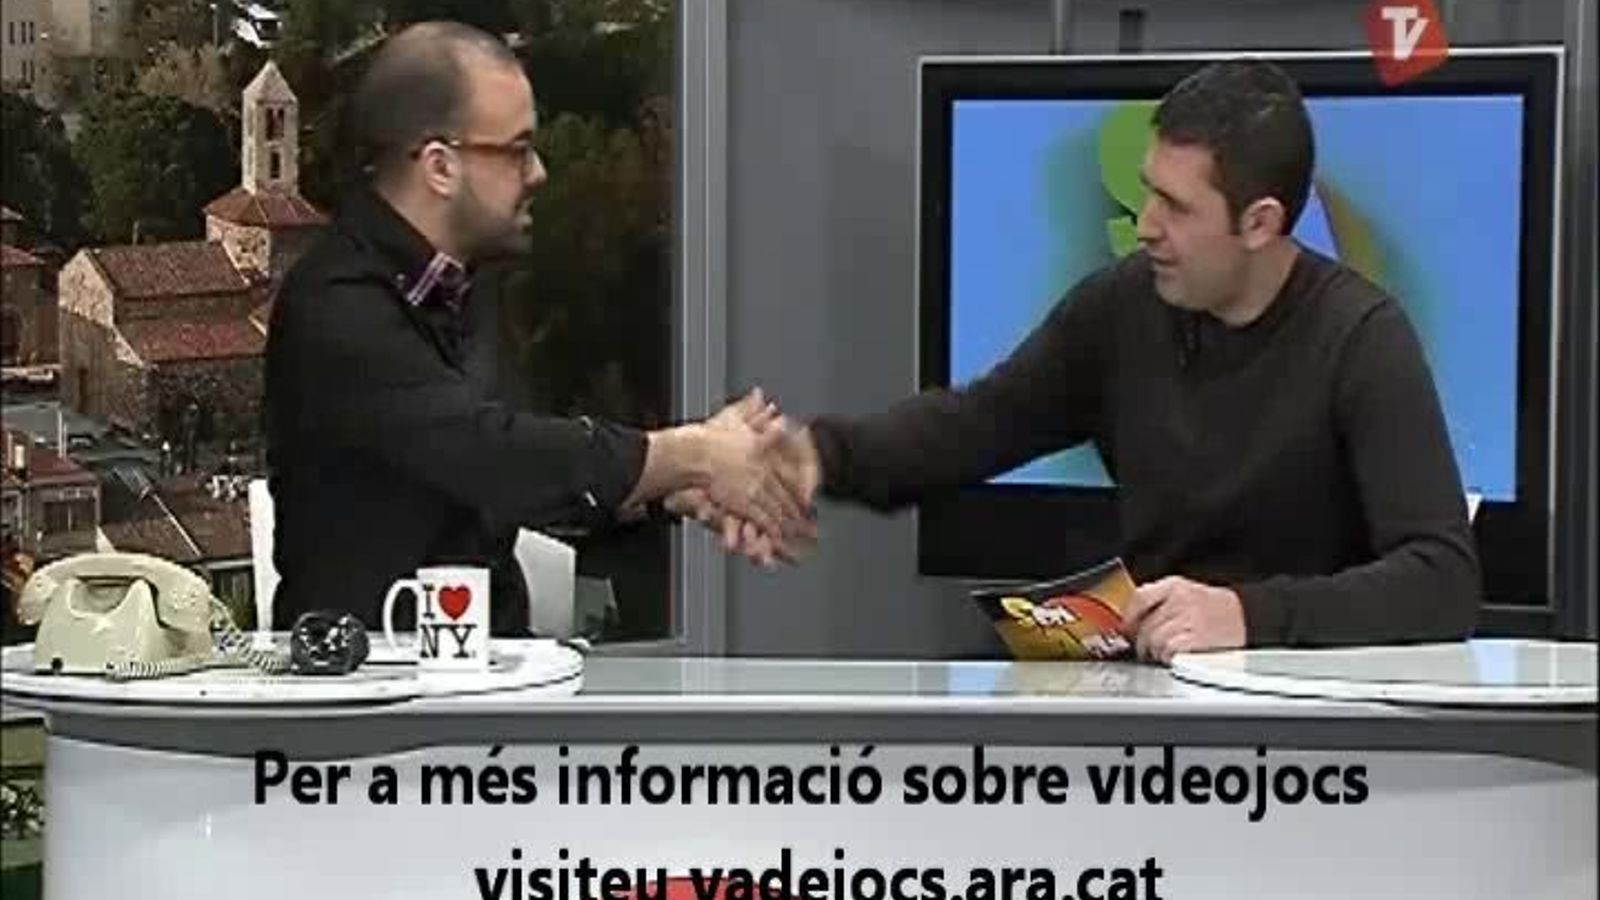 Ara VaDeJocs al Som Aquí del Canal Terrassa Vallès (13/02/2012)